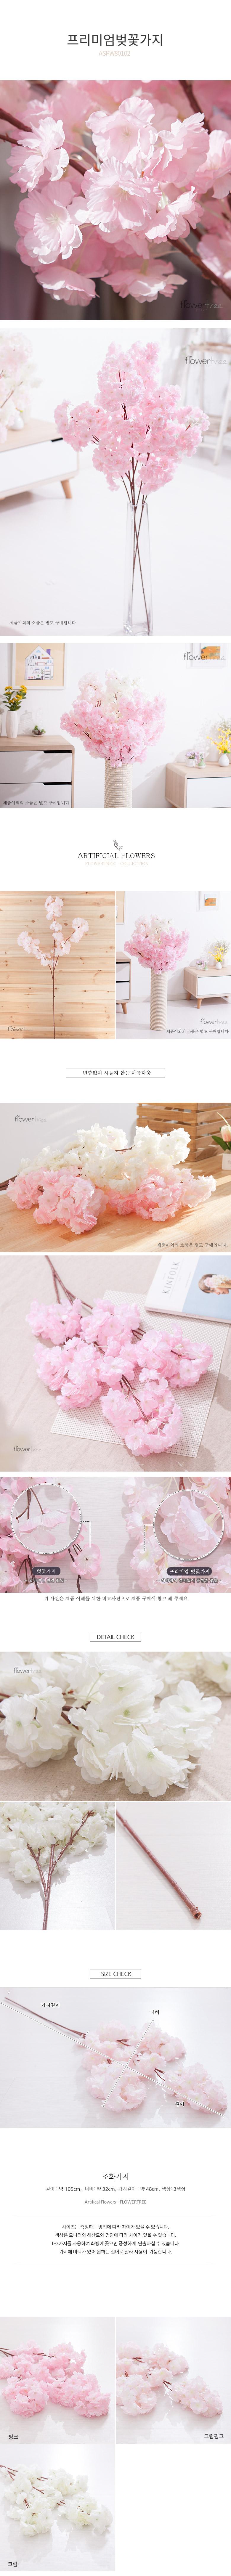 프리미엄벚꽃가지 105cm [조화] - 플라워트리, 11,700원, 조화, 부쉬